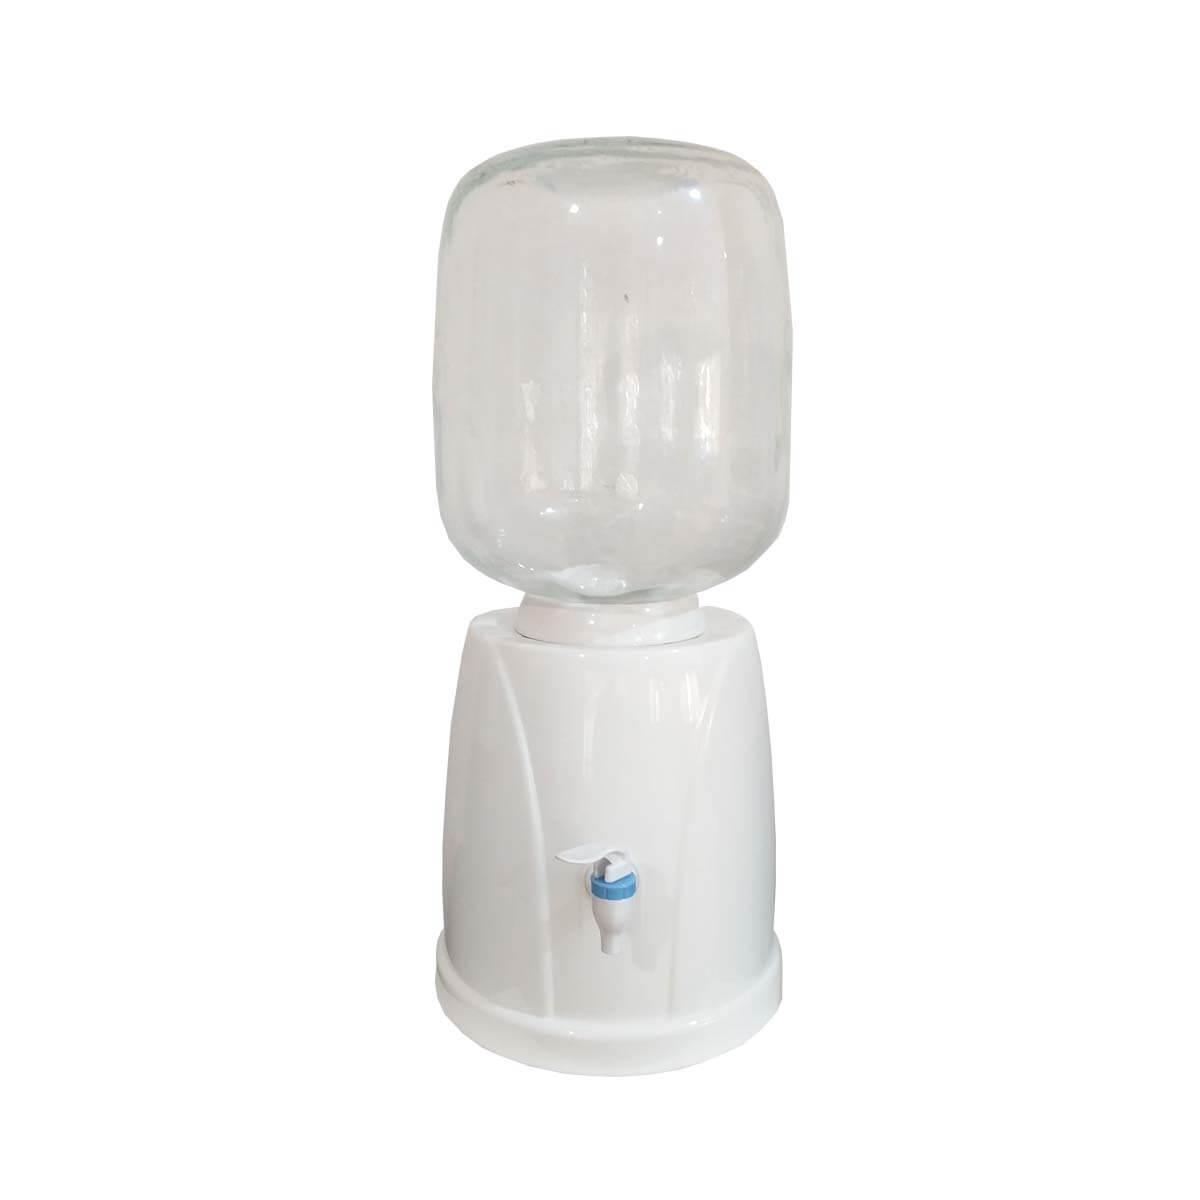 Dispensador de agua natural. I-NATURAL basic | Ref. 00818